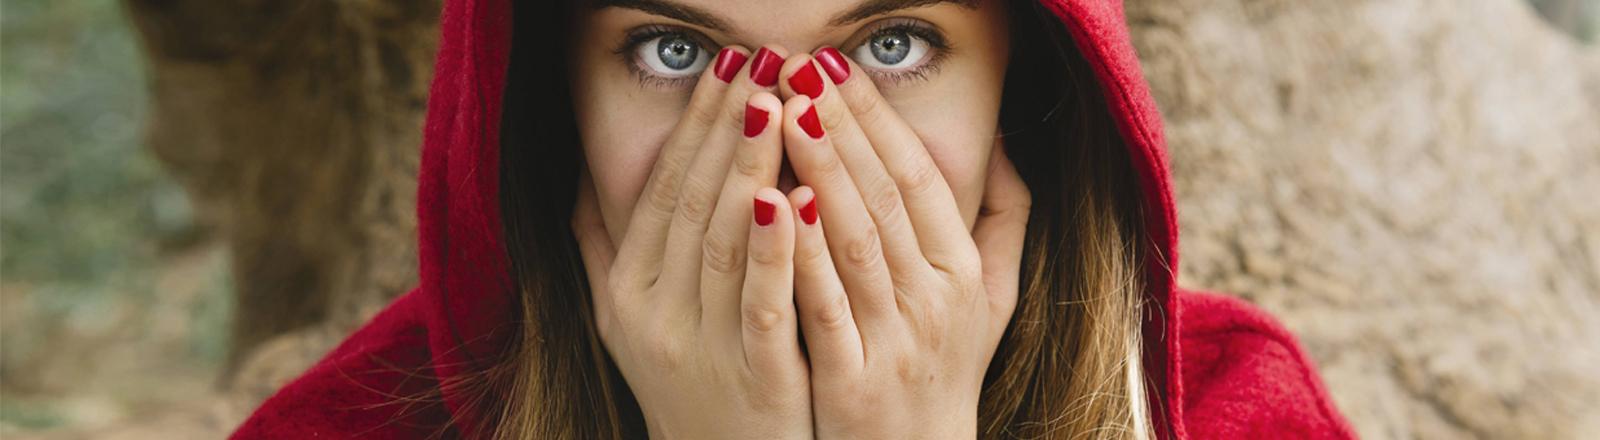 Eine Frau ist als Rotkäppchen verkleidet.